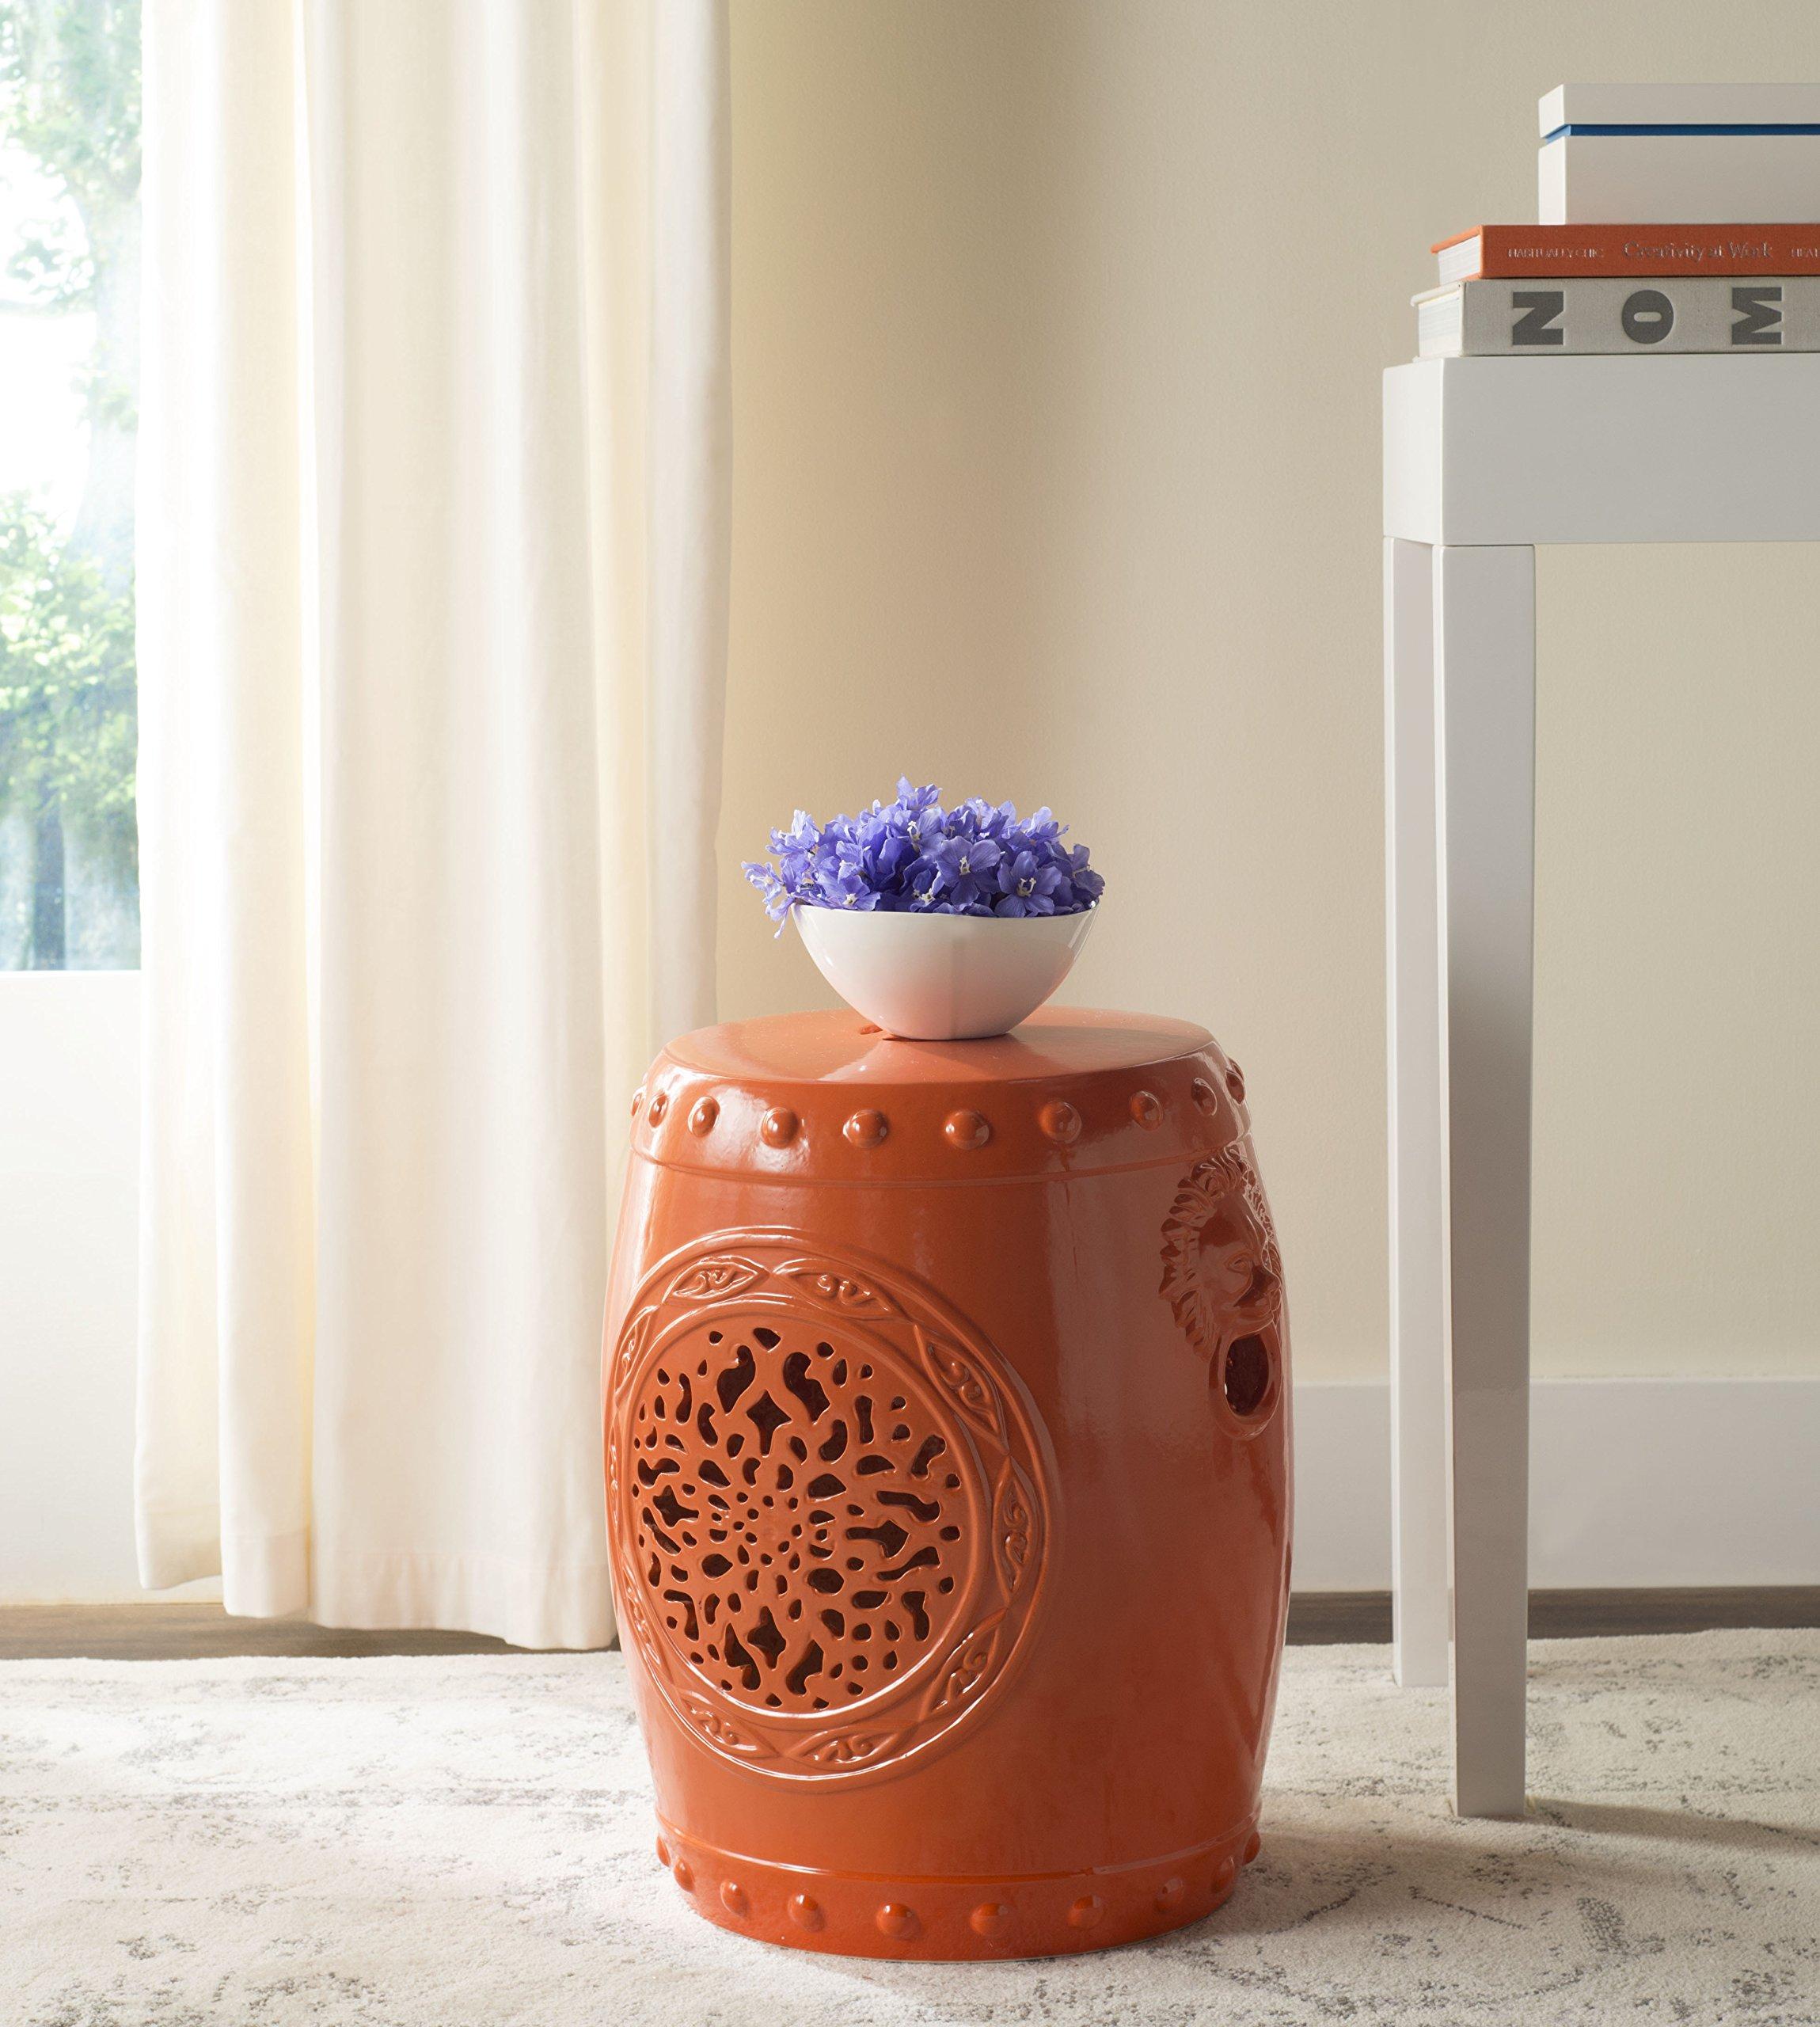 Safavieh Castle Gardens Collection Flower Drum Orange Glazed Ceramic Garden Stool